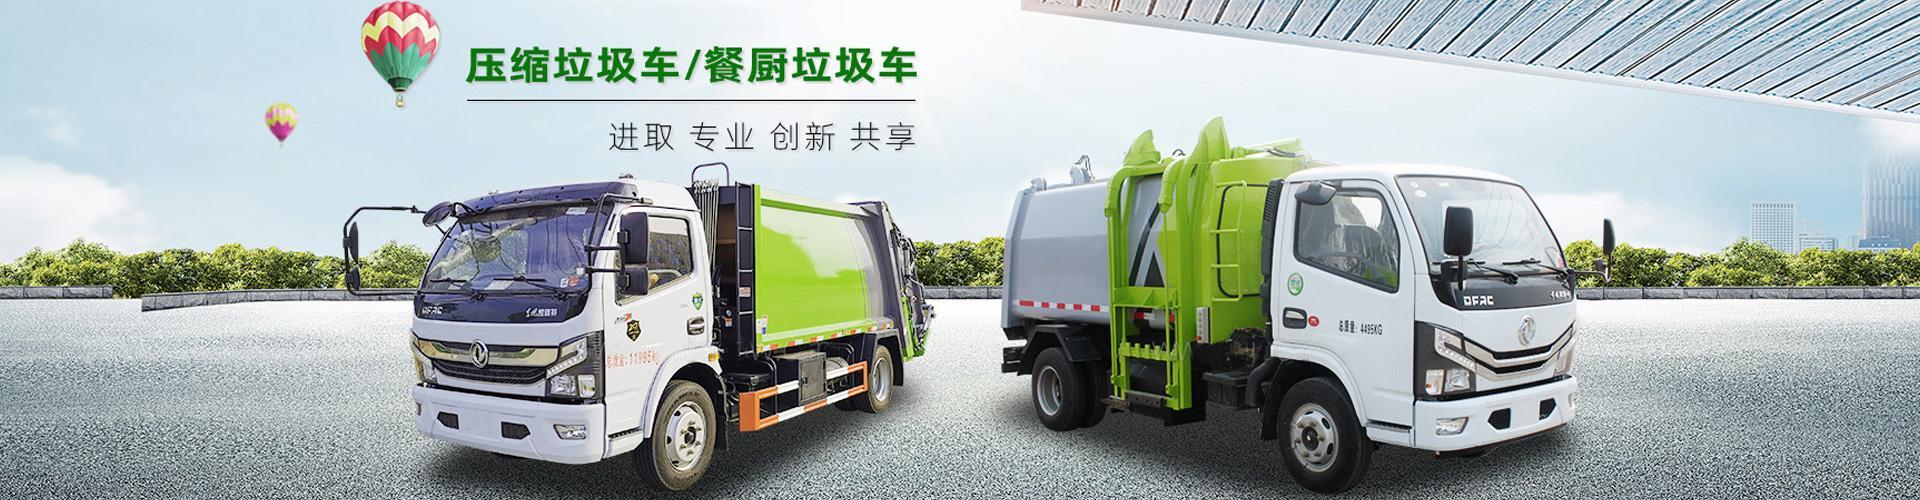 垃圾车,洒水车,清洗吸污车,污水处理车厂家-湖北天随汽车有限公司